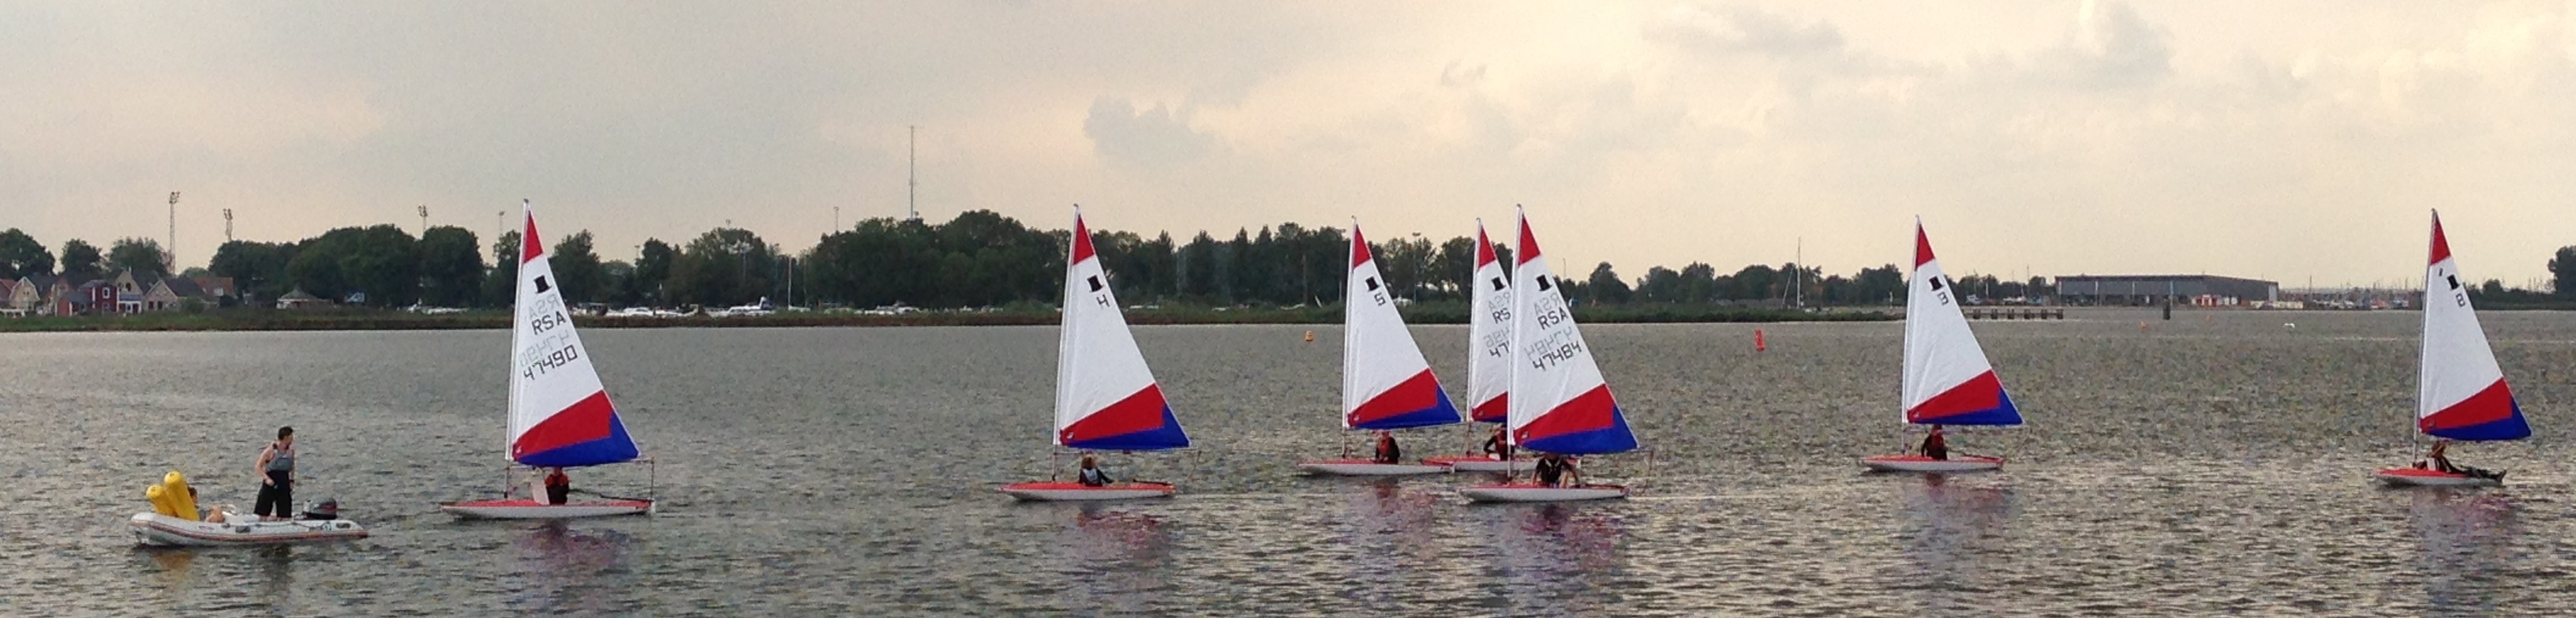 Zeilschool | Leren zeilen | Eemhof Watersport & Beachclub